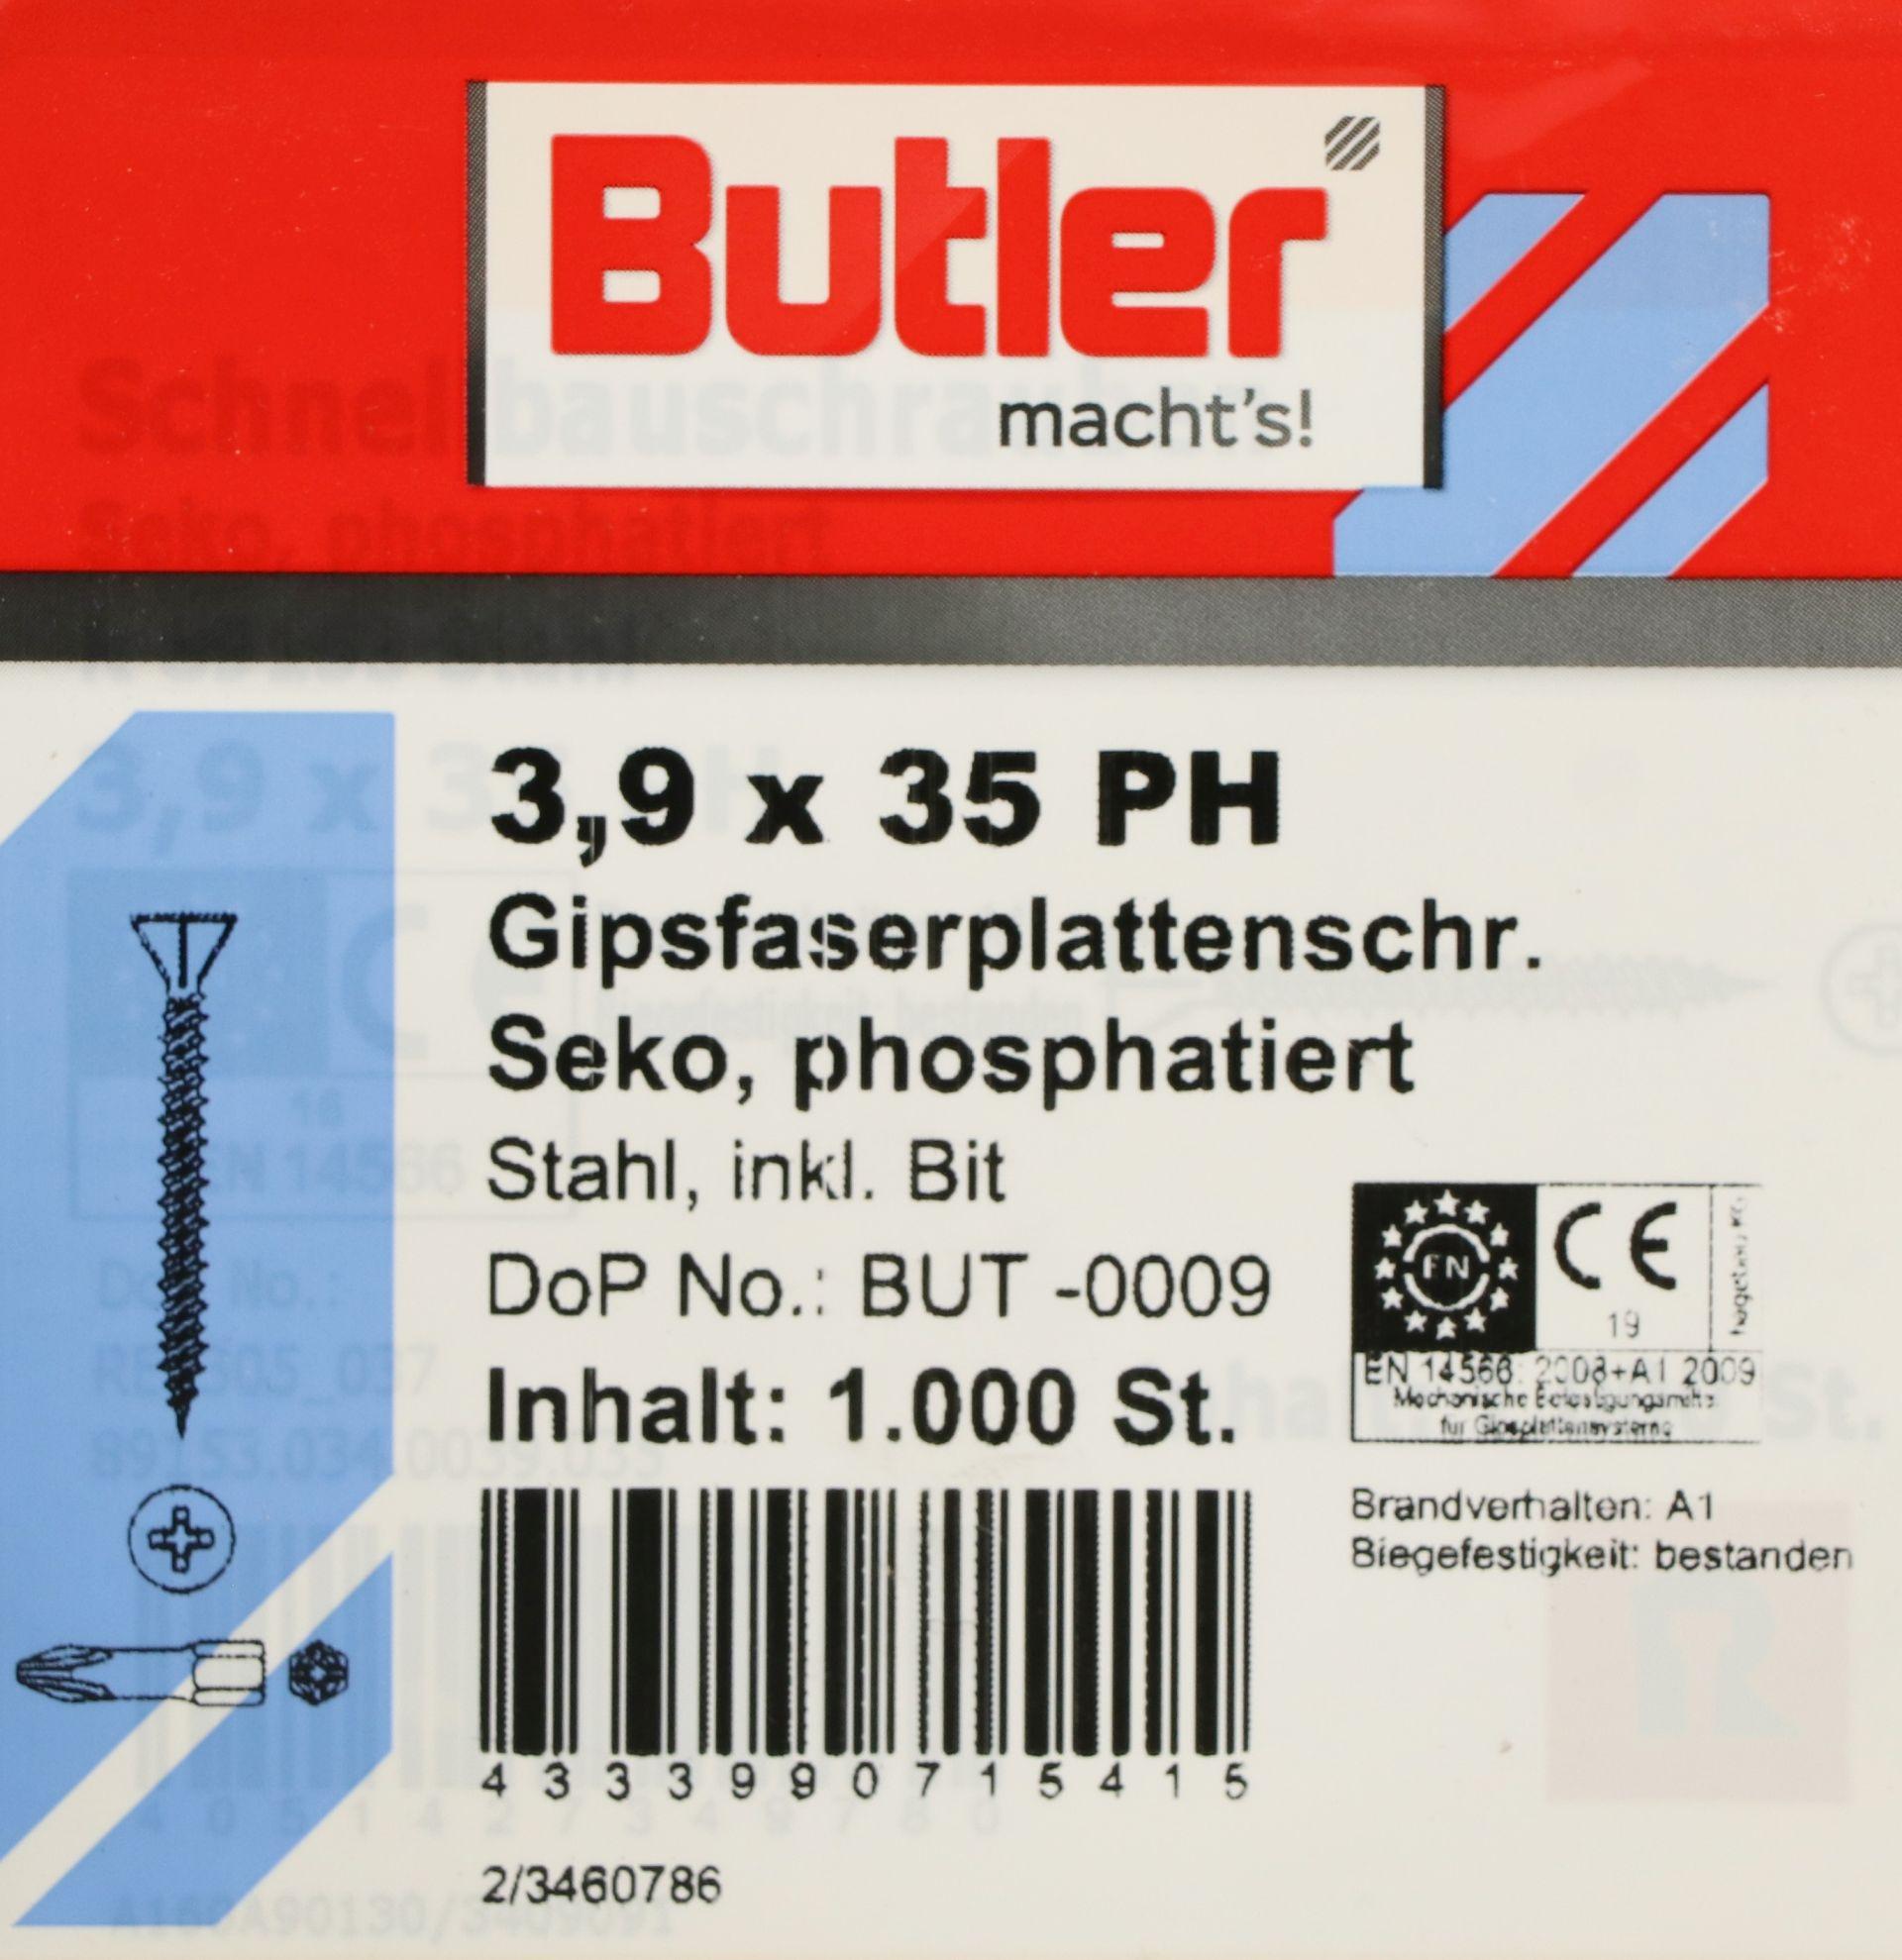 Butler macht's! Gipsfaserplattenschraube mit Bit, Stahl, Senkkopf, phosphatiert, 3,9 x 35 mm, 1.000 Stück